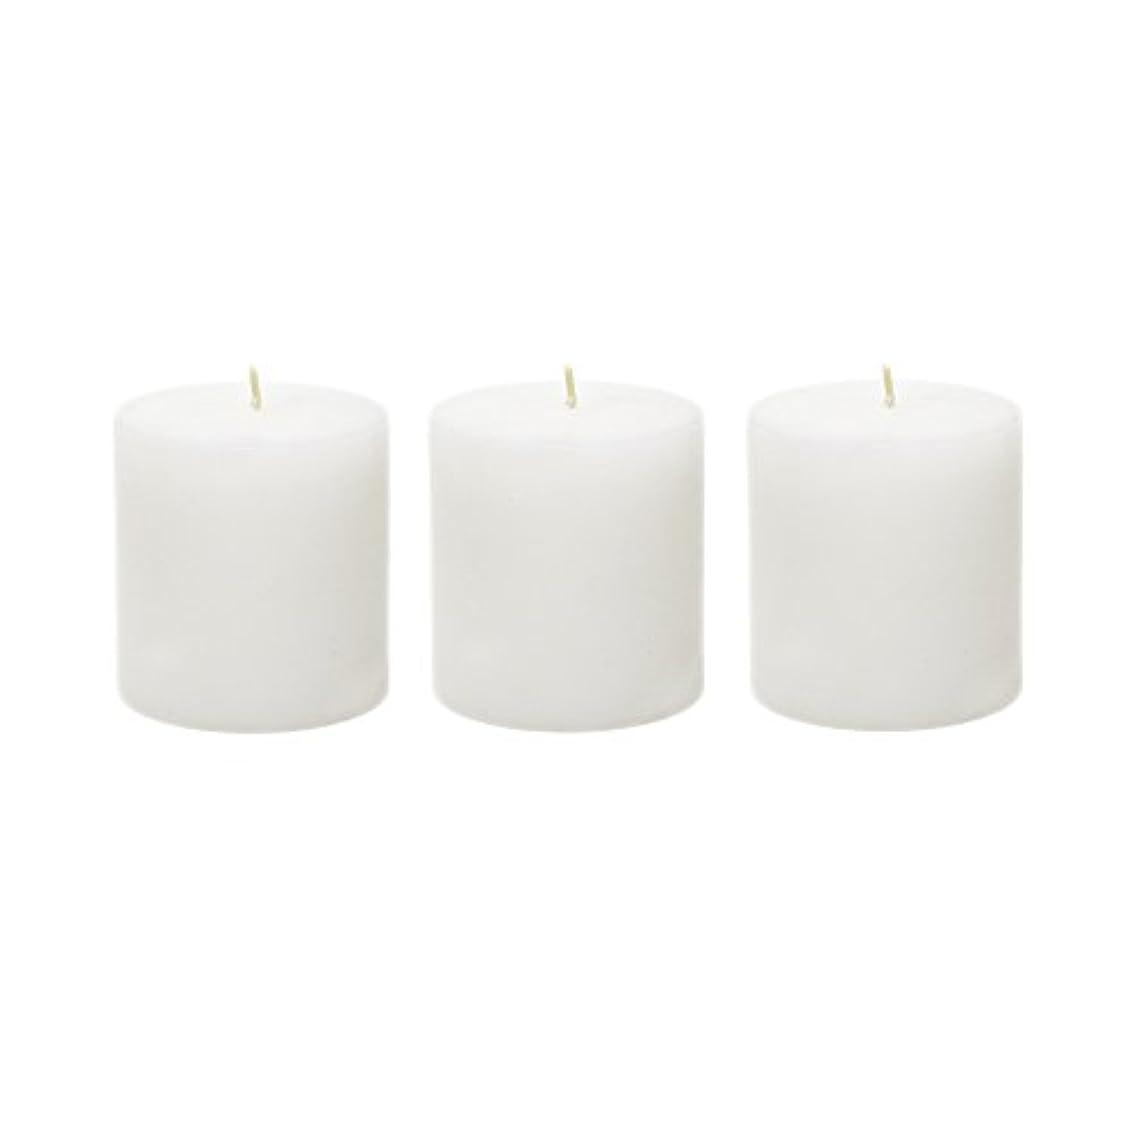 社会科手偽造(6, 7.6cm x 7.6cm Round) - Mega Candles - Unscented 7.6cm x 7.6cm Hand Poured Round Premium Pillar Candle - White